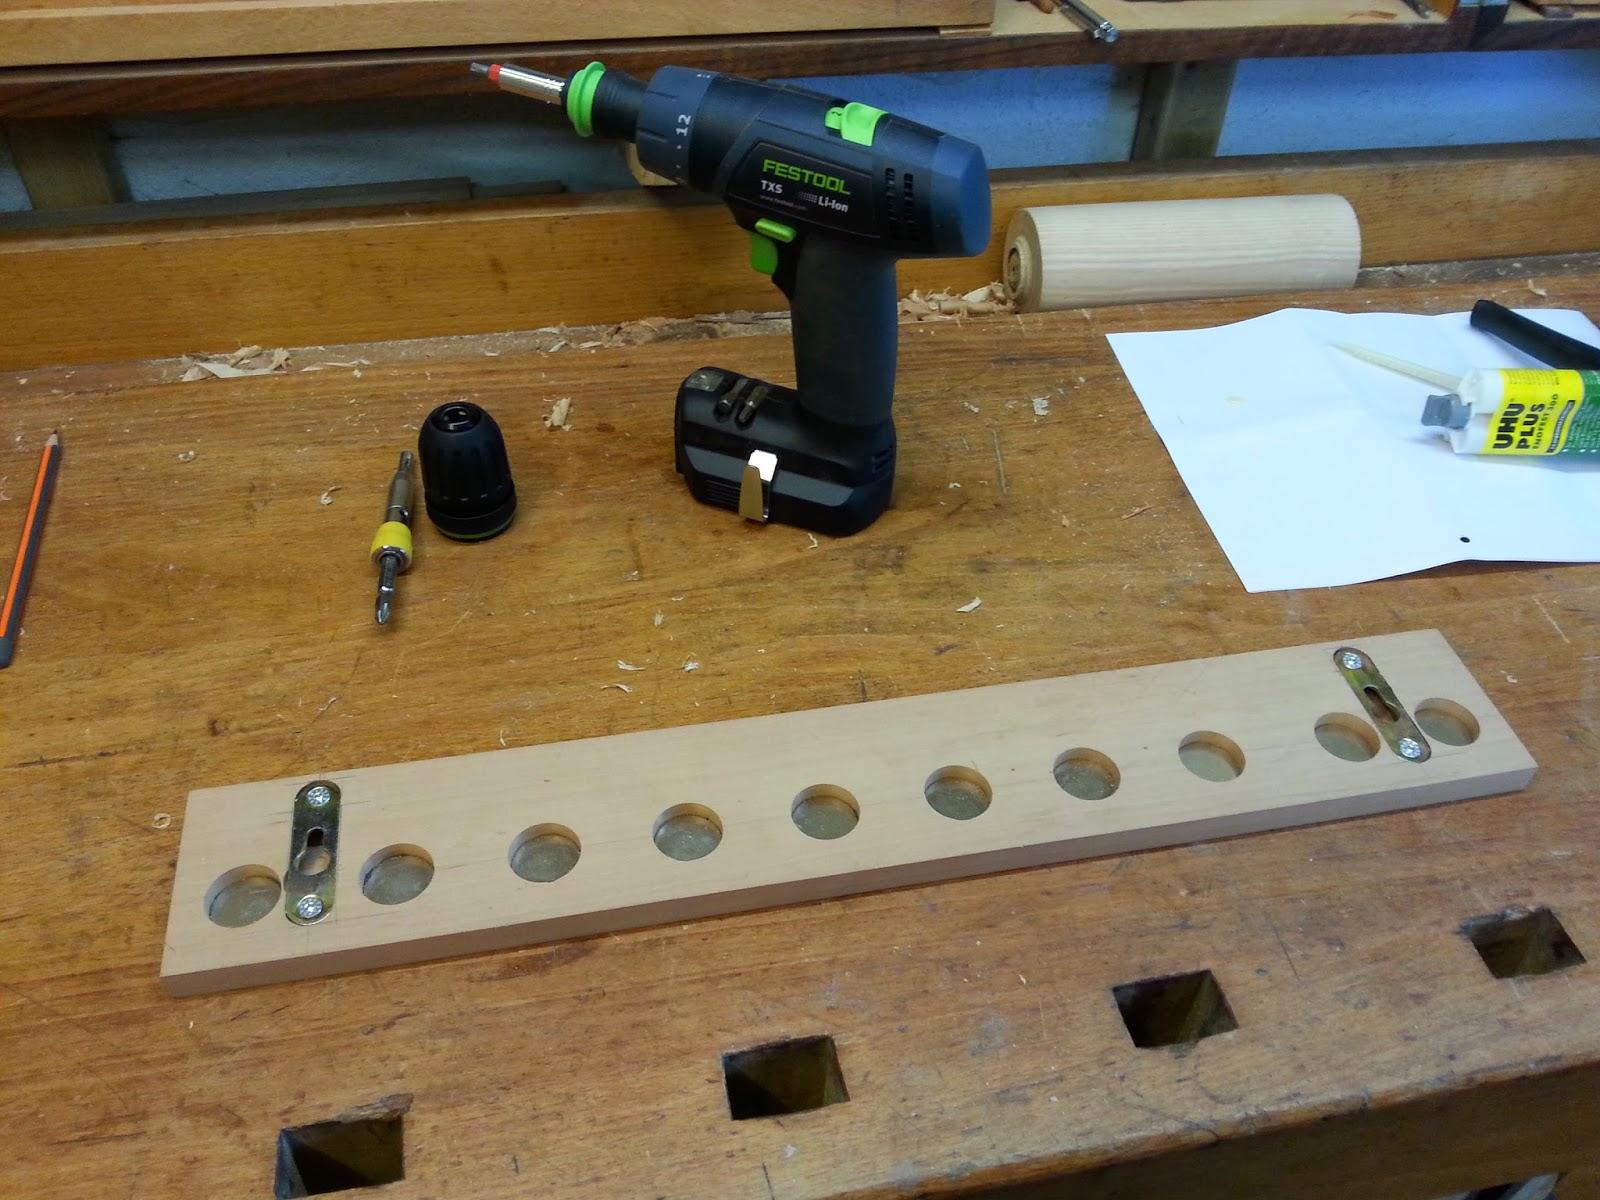 holzprojekte: magnetisches schlüsselbrett